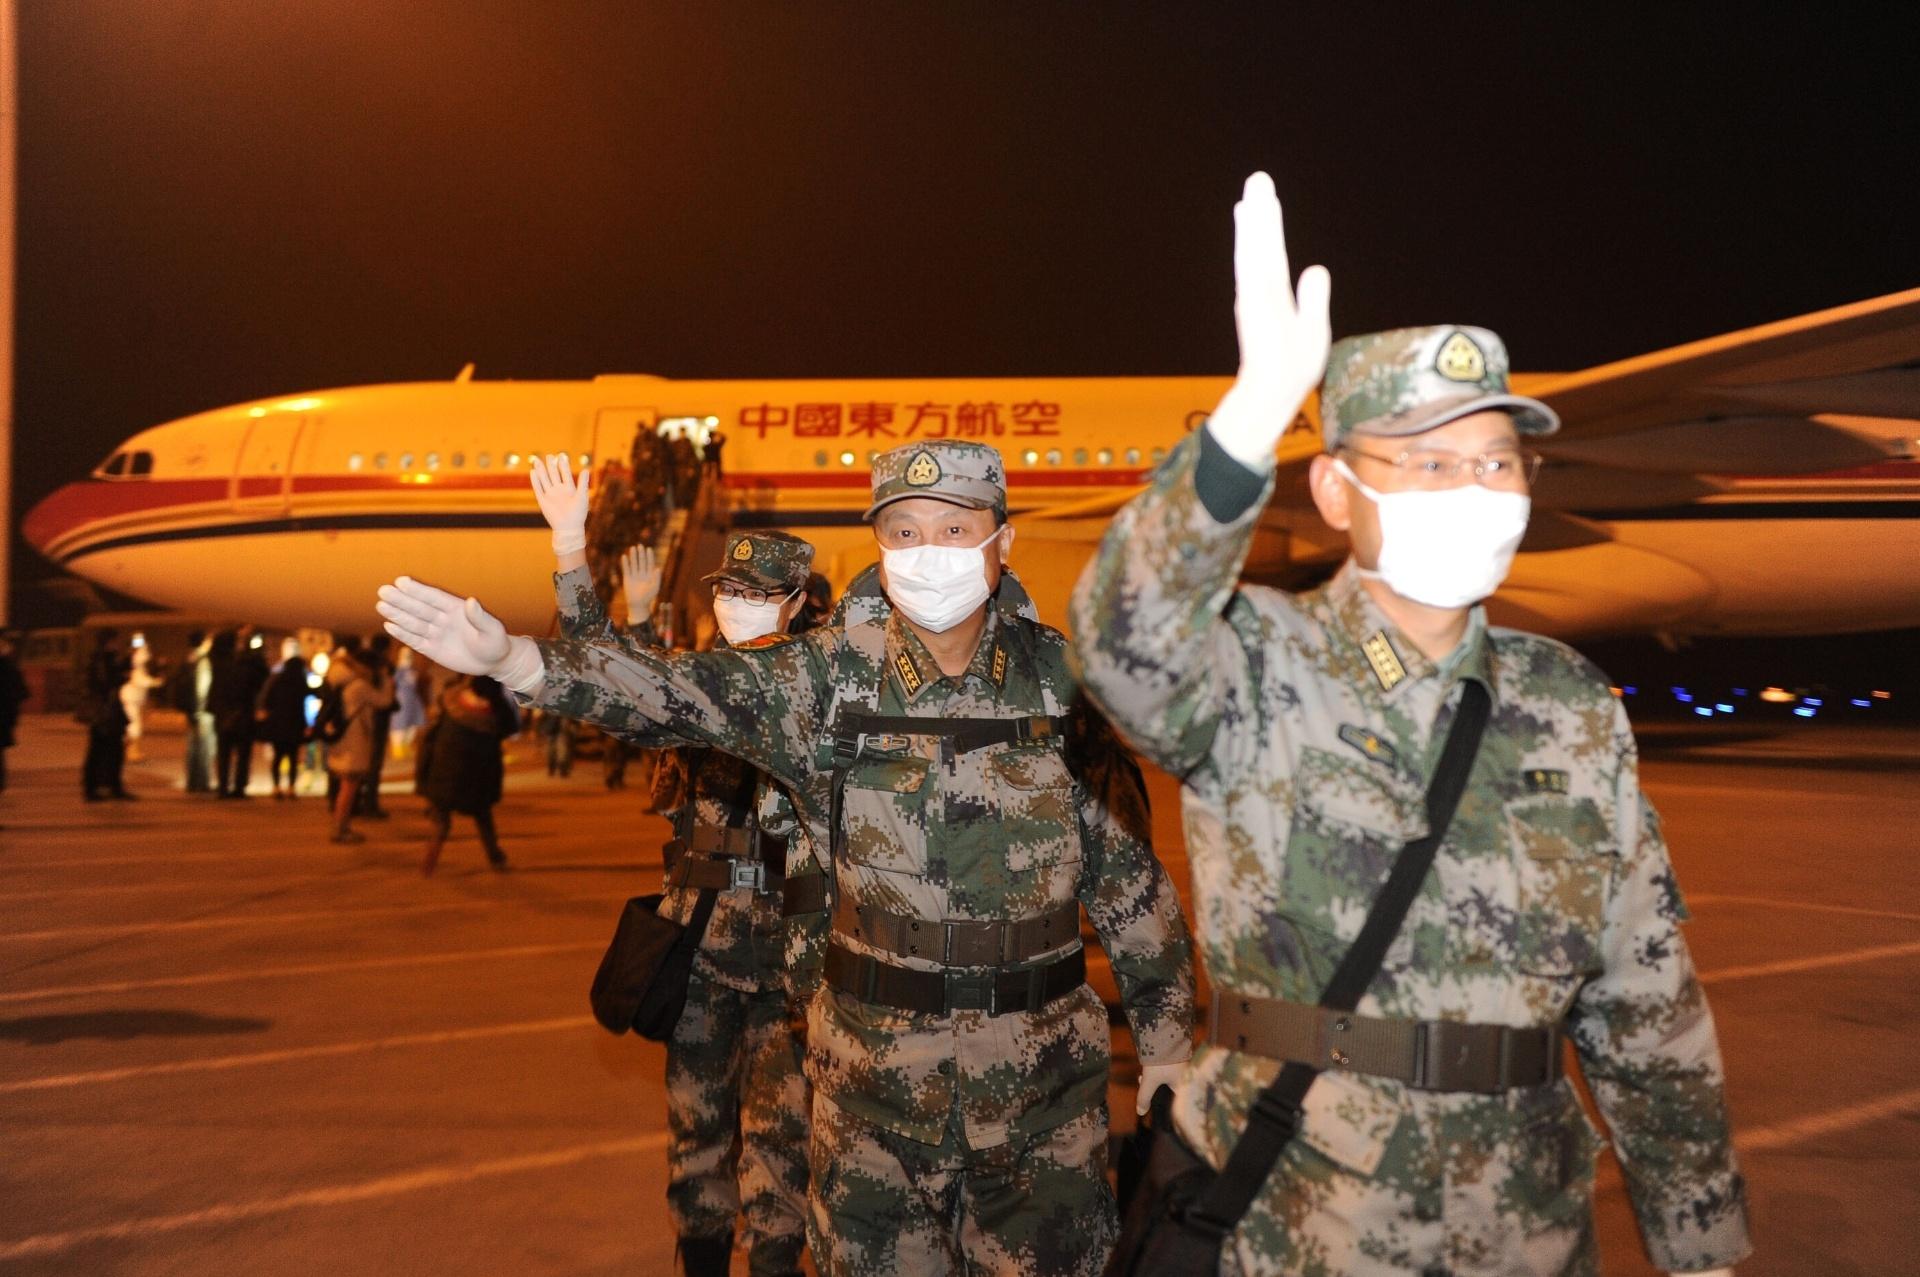 16.jan.2015 - Membros da equipe médica chinesa que estavam trabalhando na prevenção e controle do ebola na Libéria retornaram nesta sexta-feira (16) a Chongqing, localizada no sudoeste da China. Um total de 82 trabalhadores voltou ao país. O restante do grupo enviado para a África - outros 82 profissionais -, tem o retorno programado para o próximo dia 22